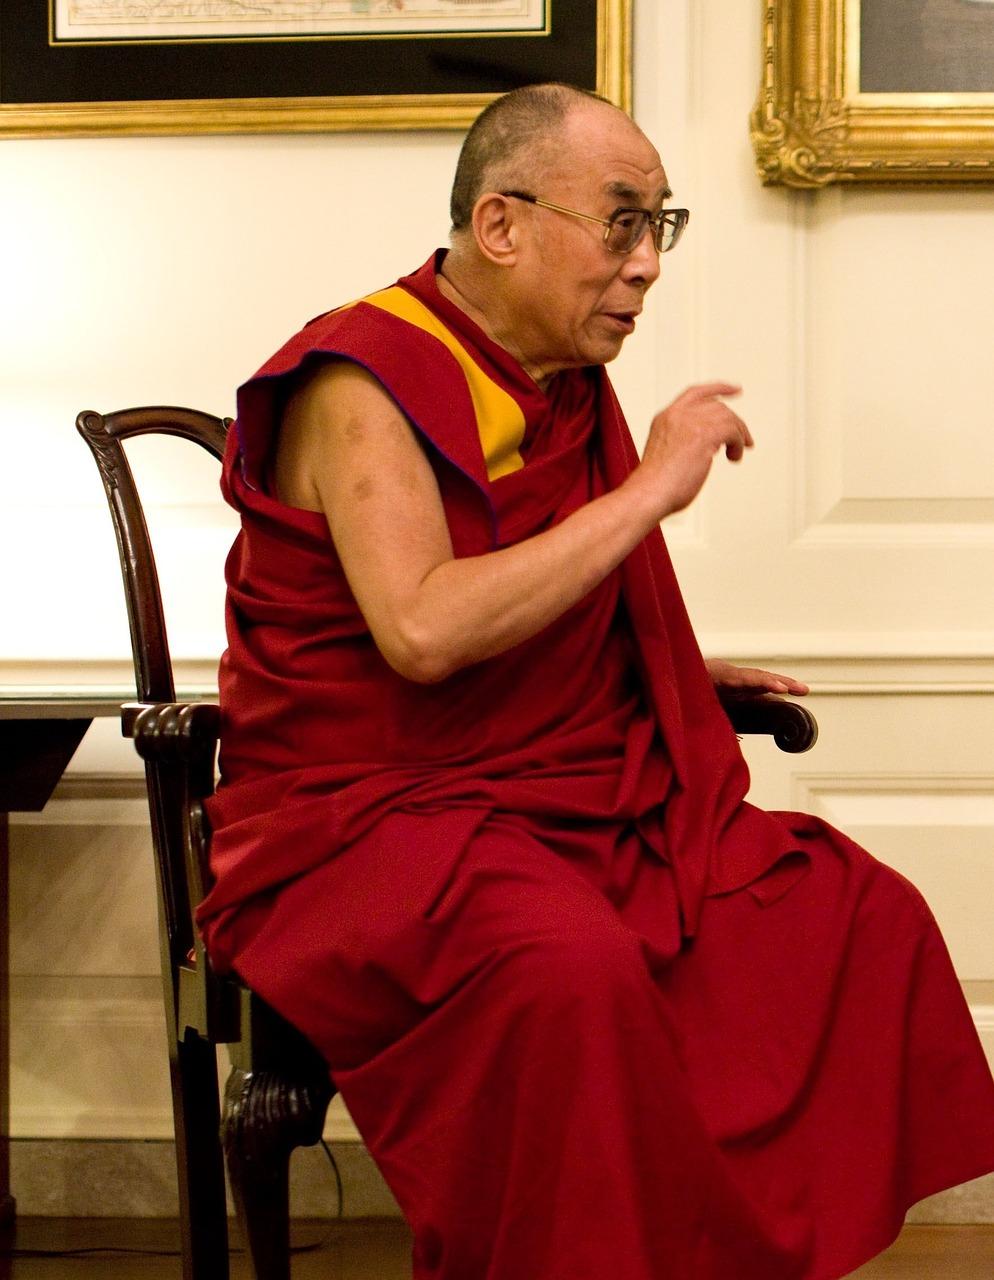 dalai-lama-1166021_1280